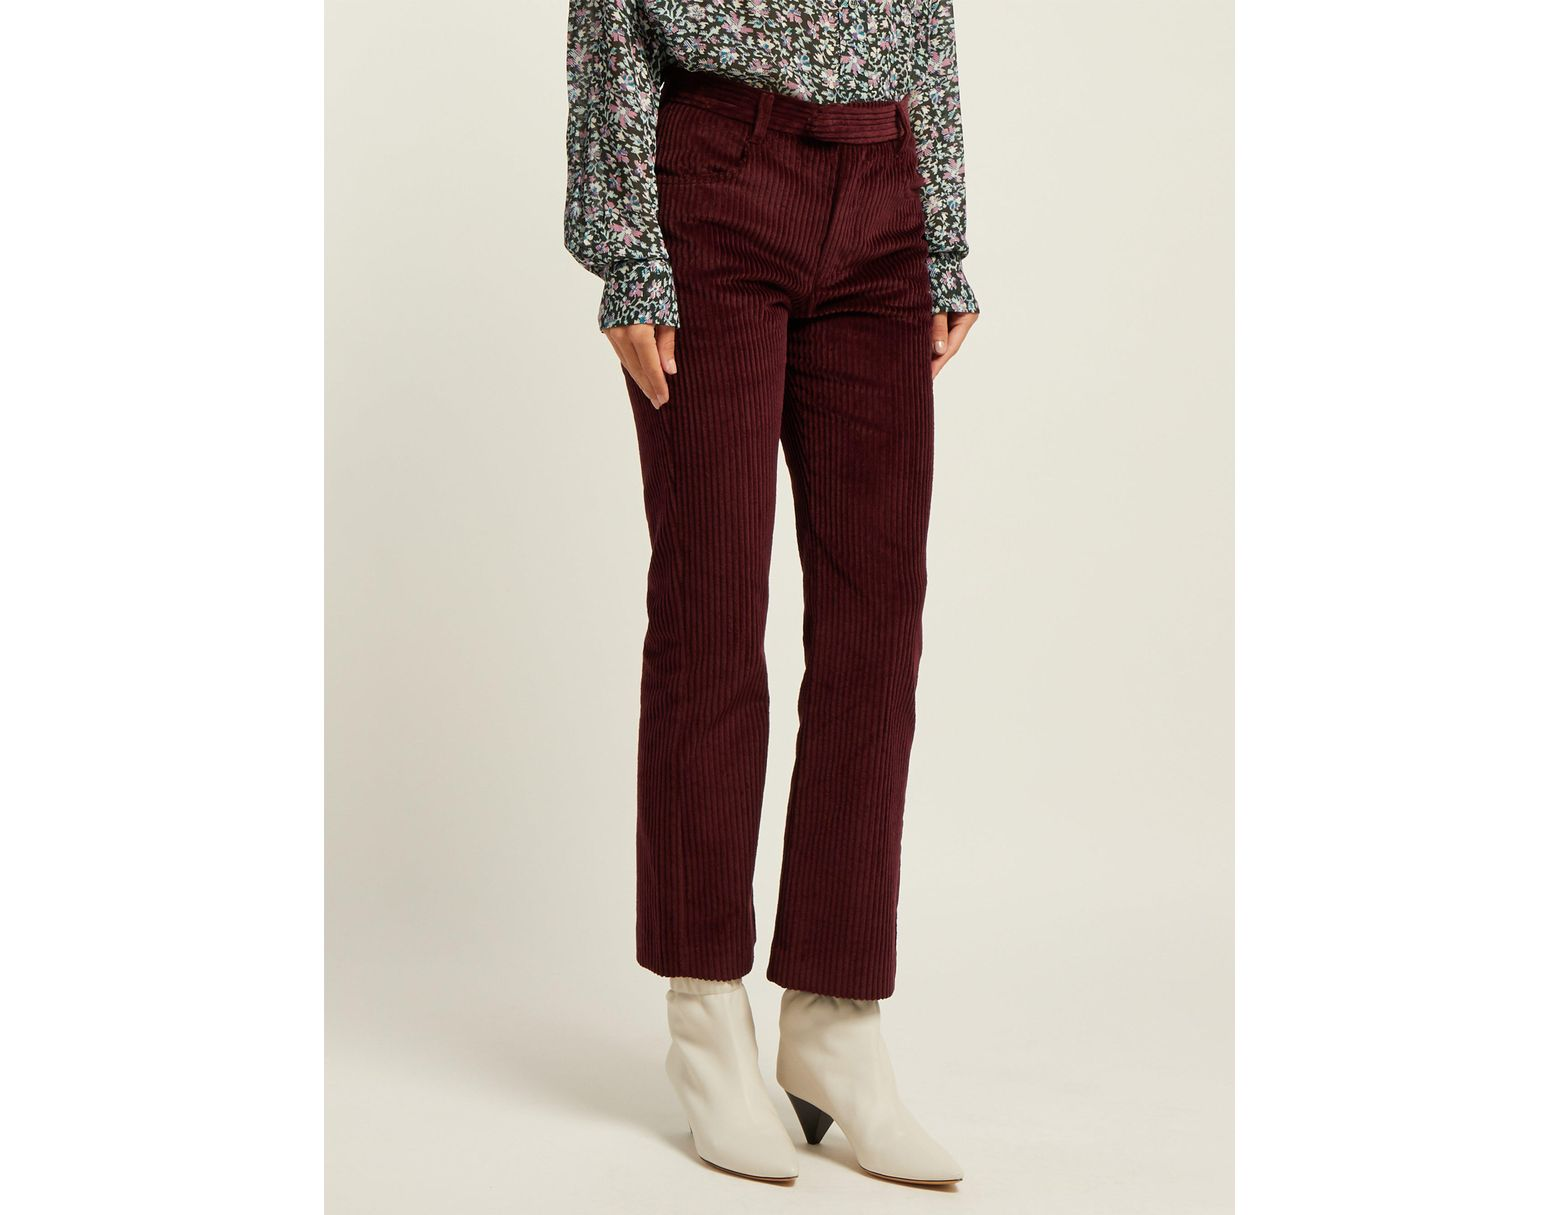 a882d0f63 Pantalon taille haute en velours côtelé Mereo femme de coloris rouge